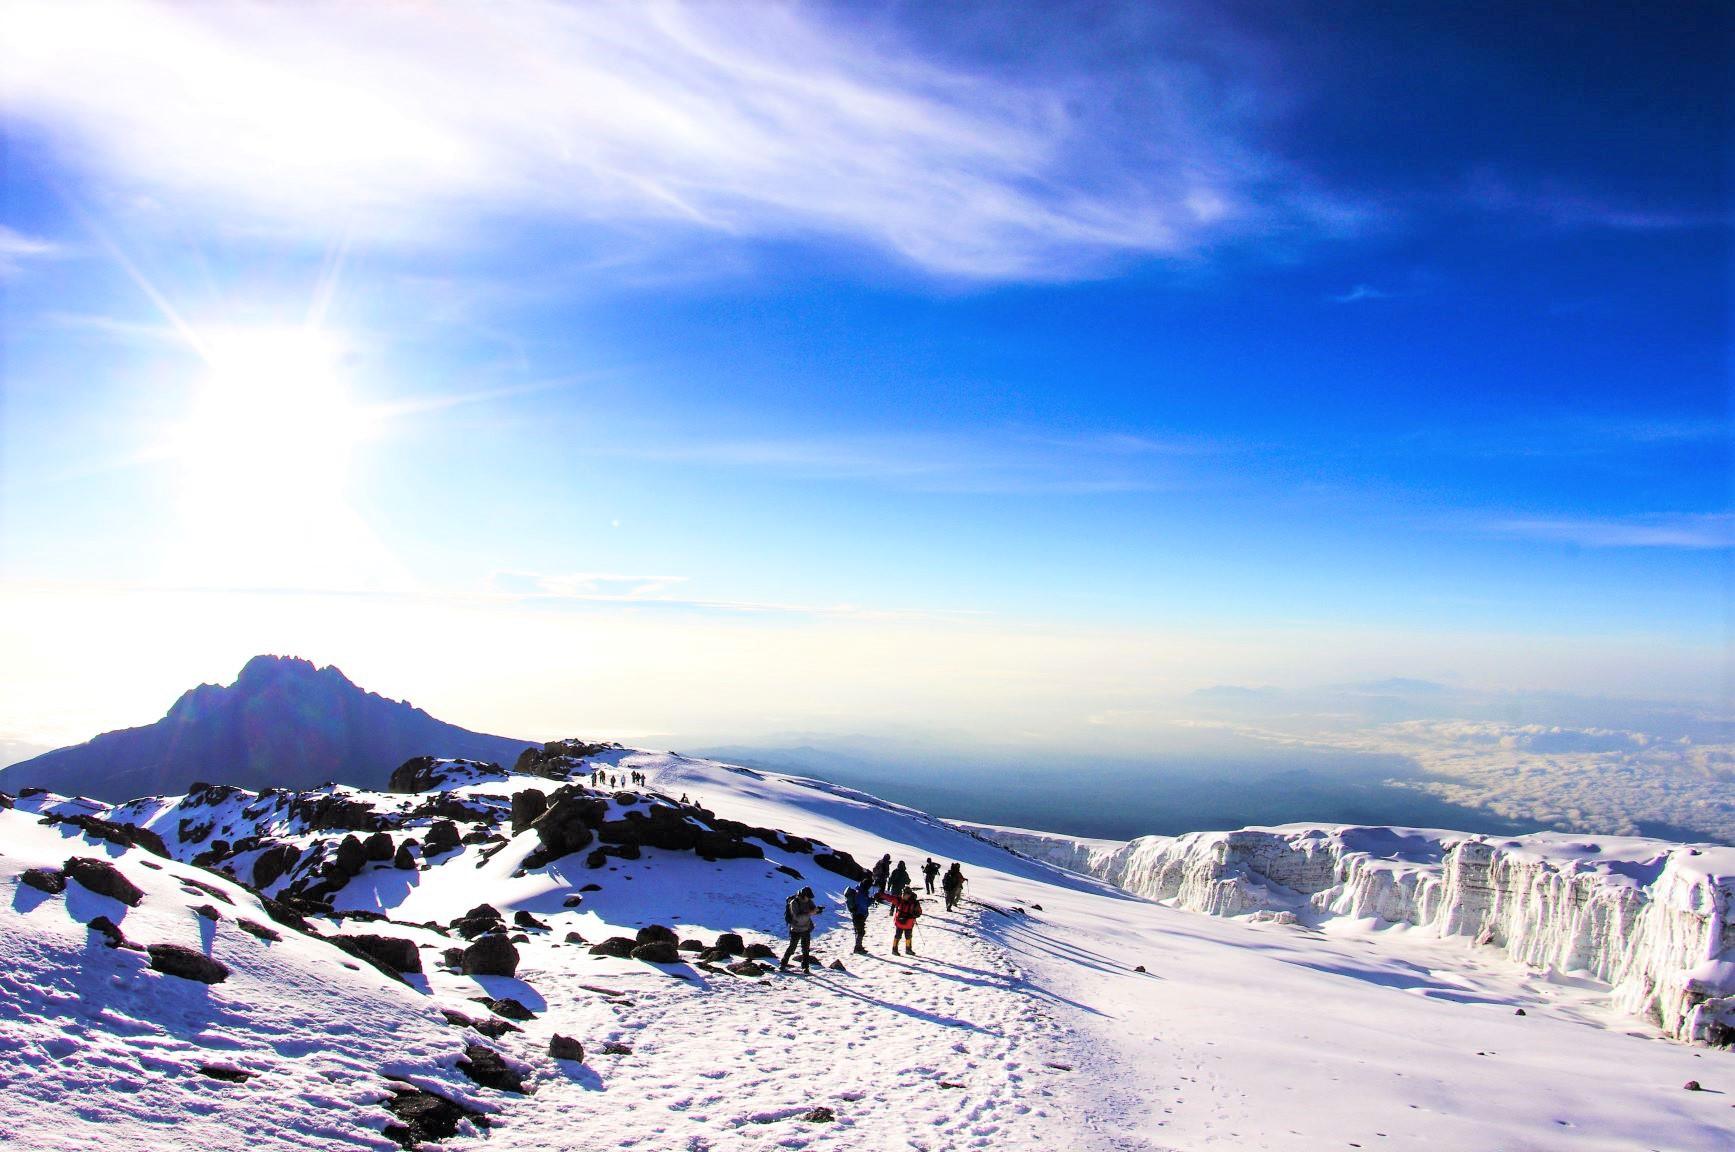 アフリカ大陸最高峰キリマンジャロ(5,895m)の頂上稜線を行く